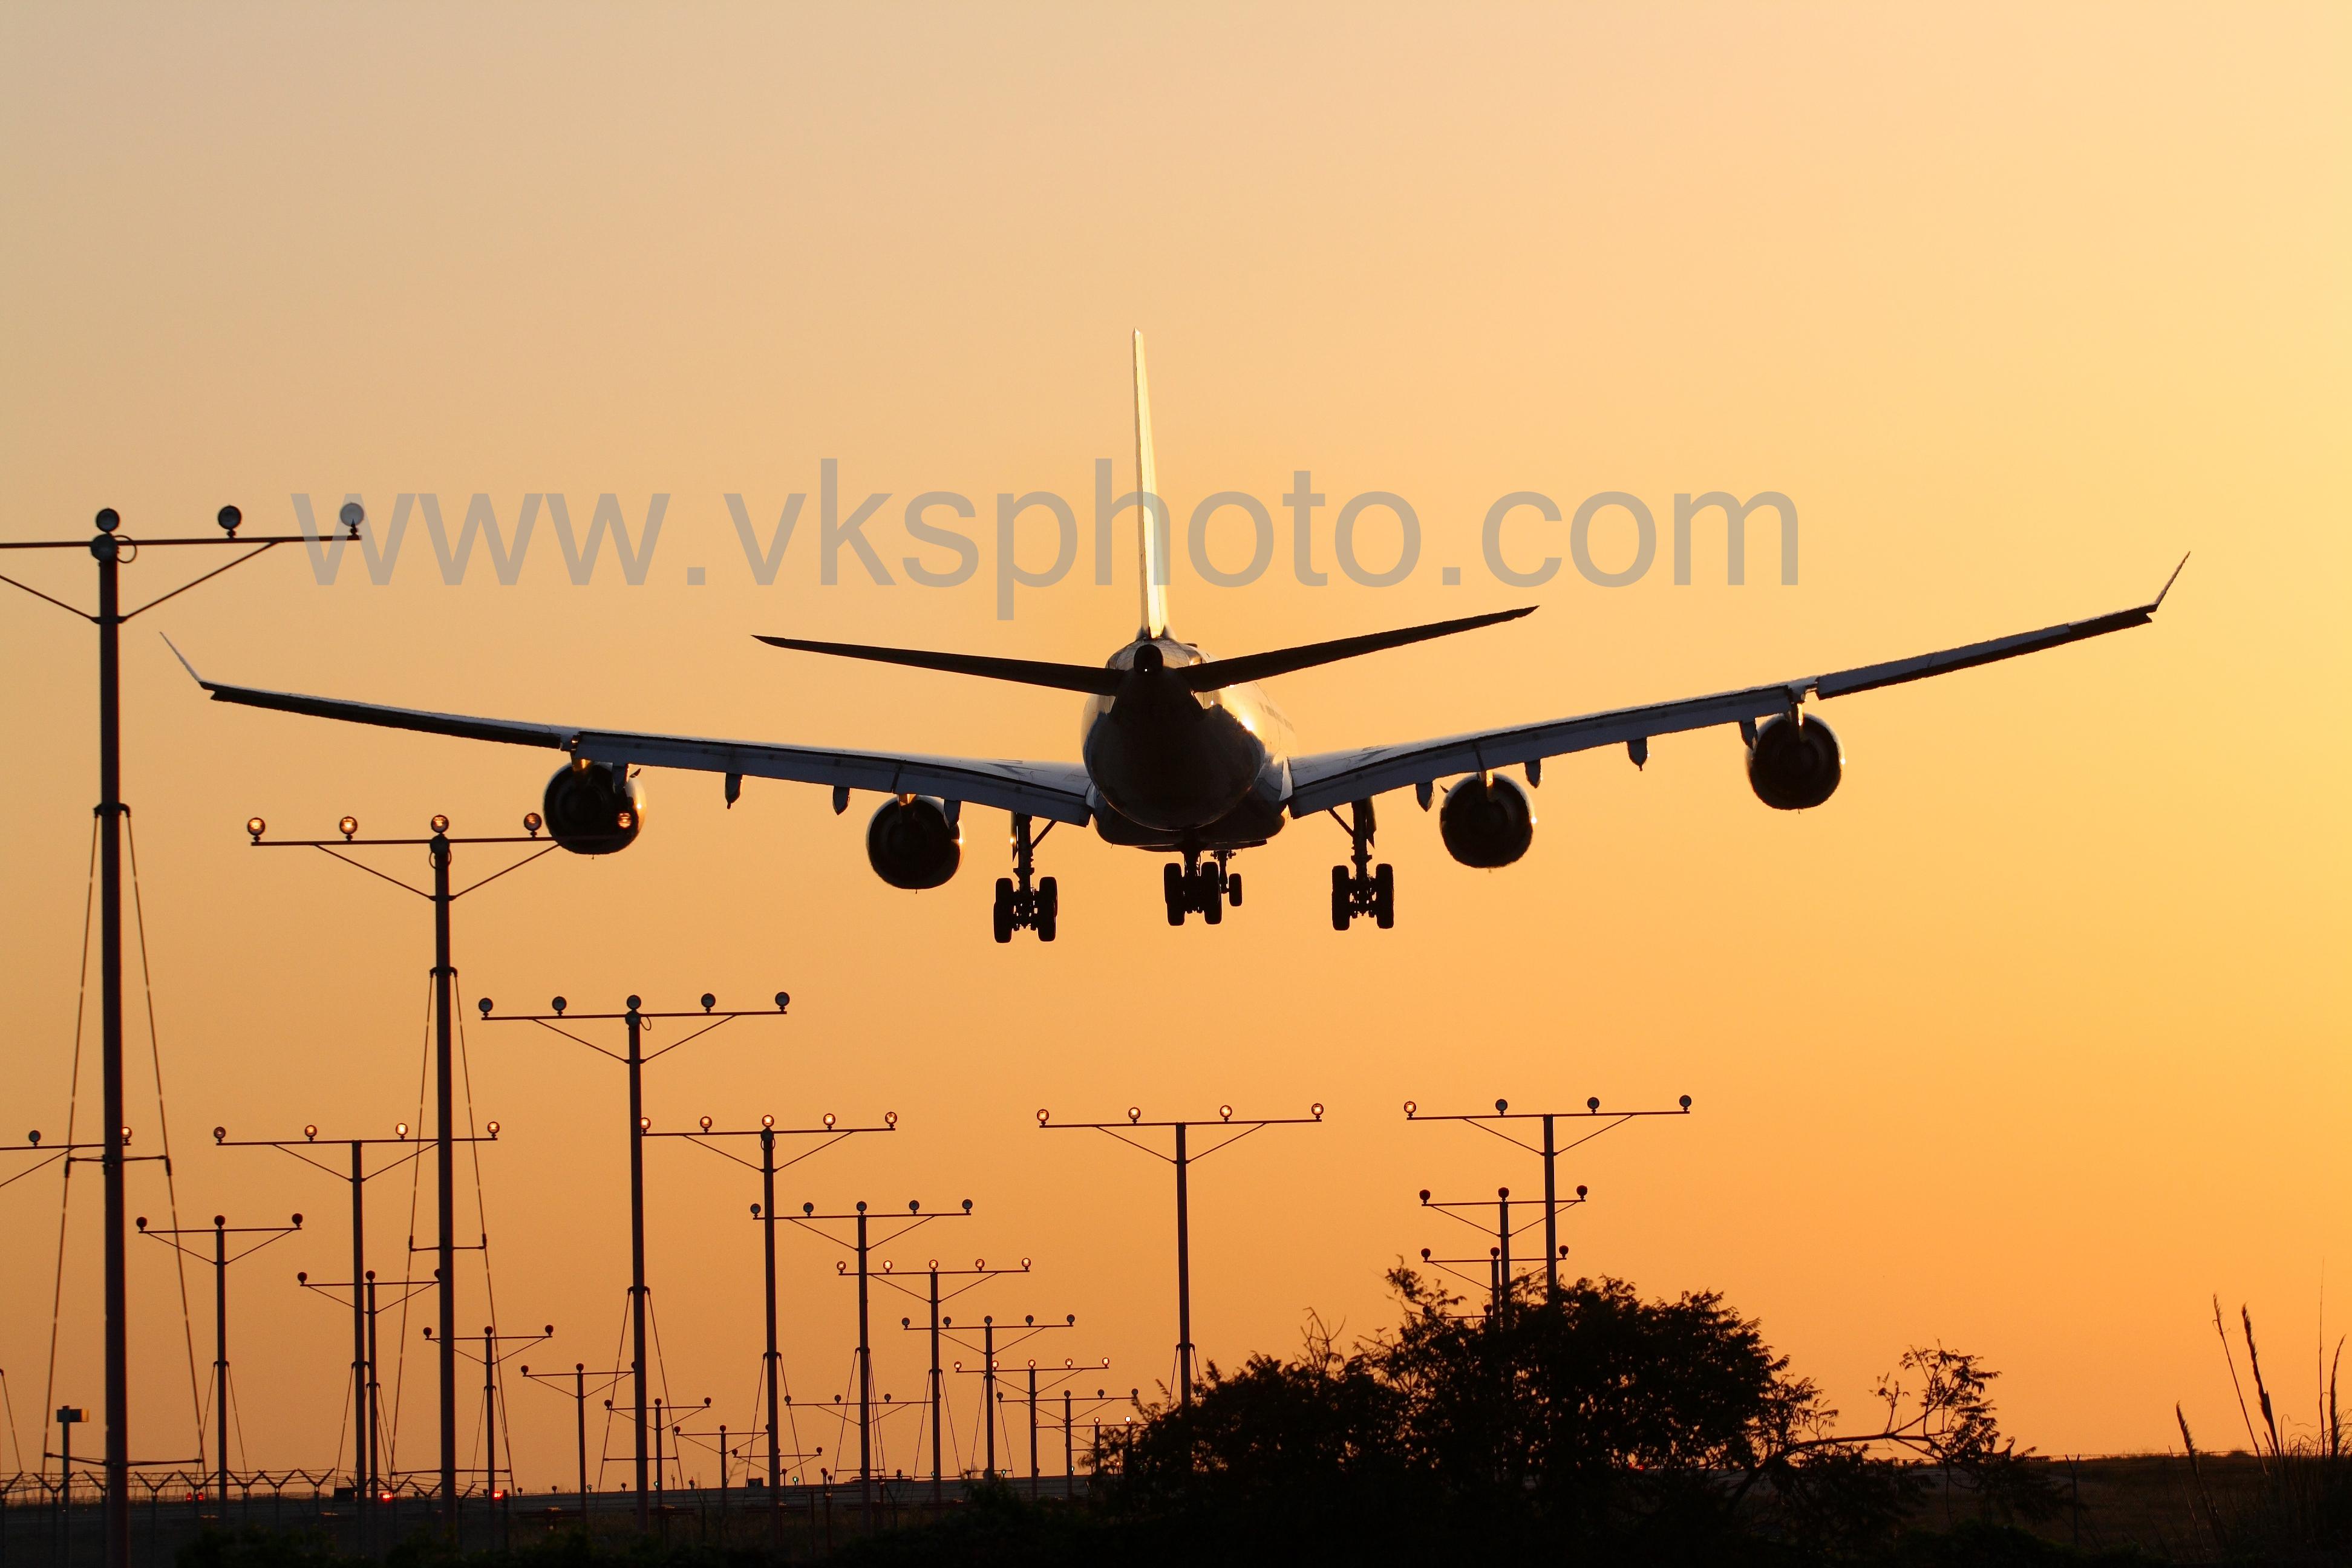 http://www.vksphoto.com/photos/i-hTRz2dF/0/O/i-hTRz2dF-O.jpg